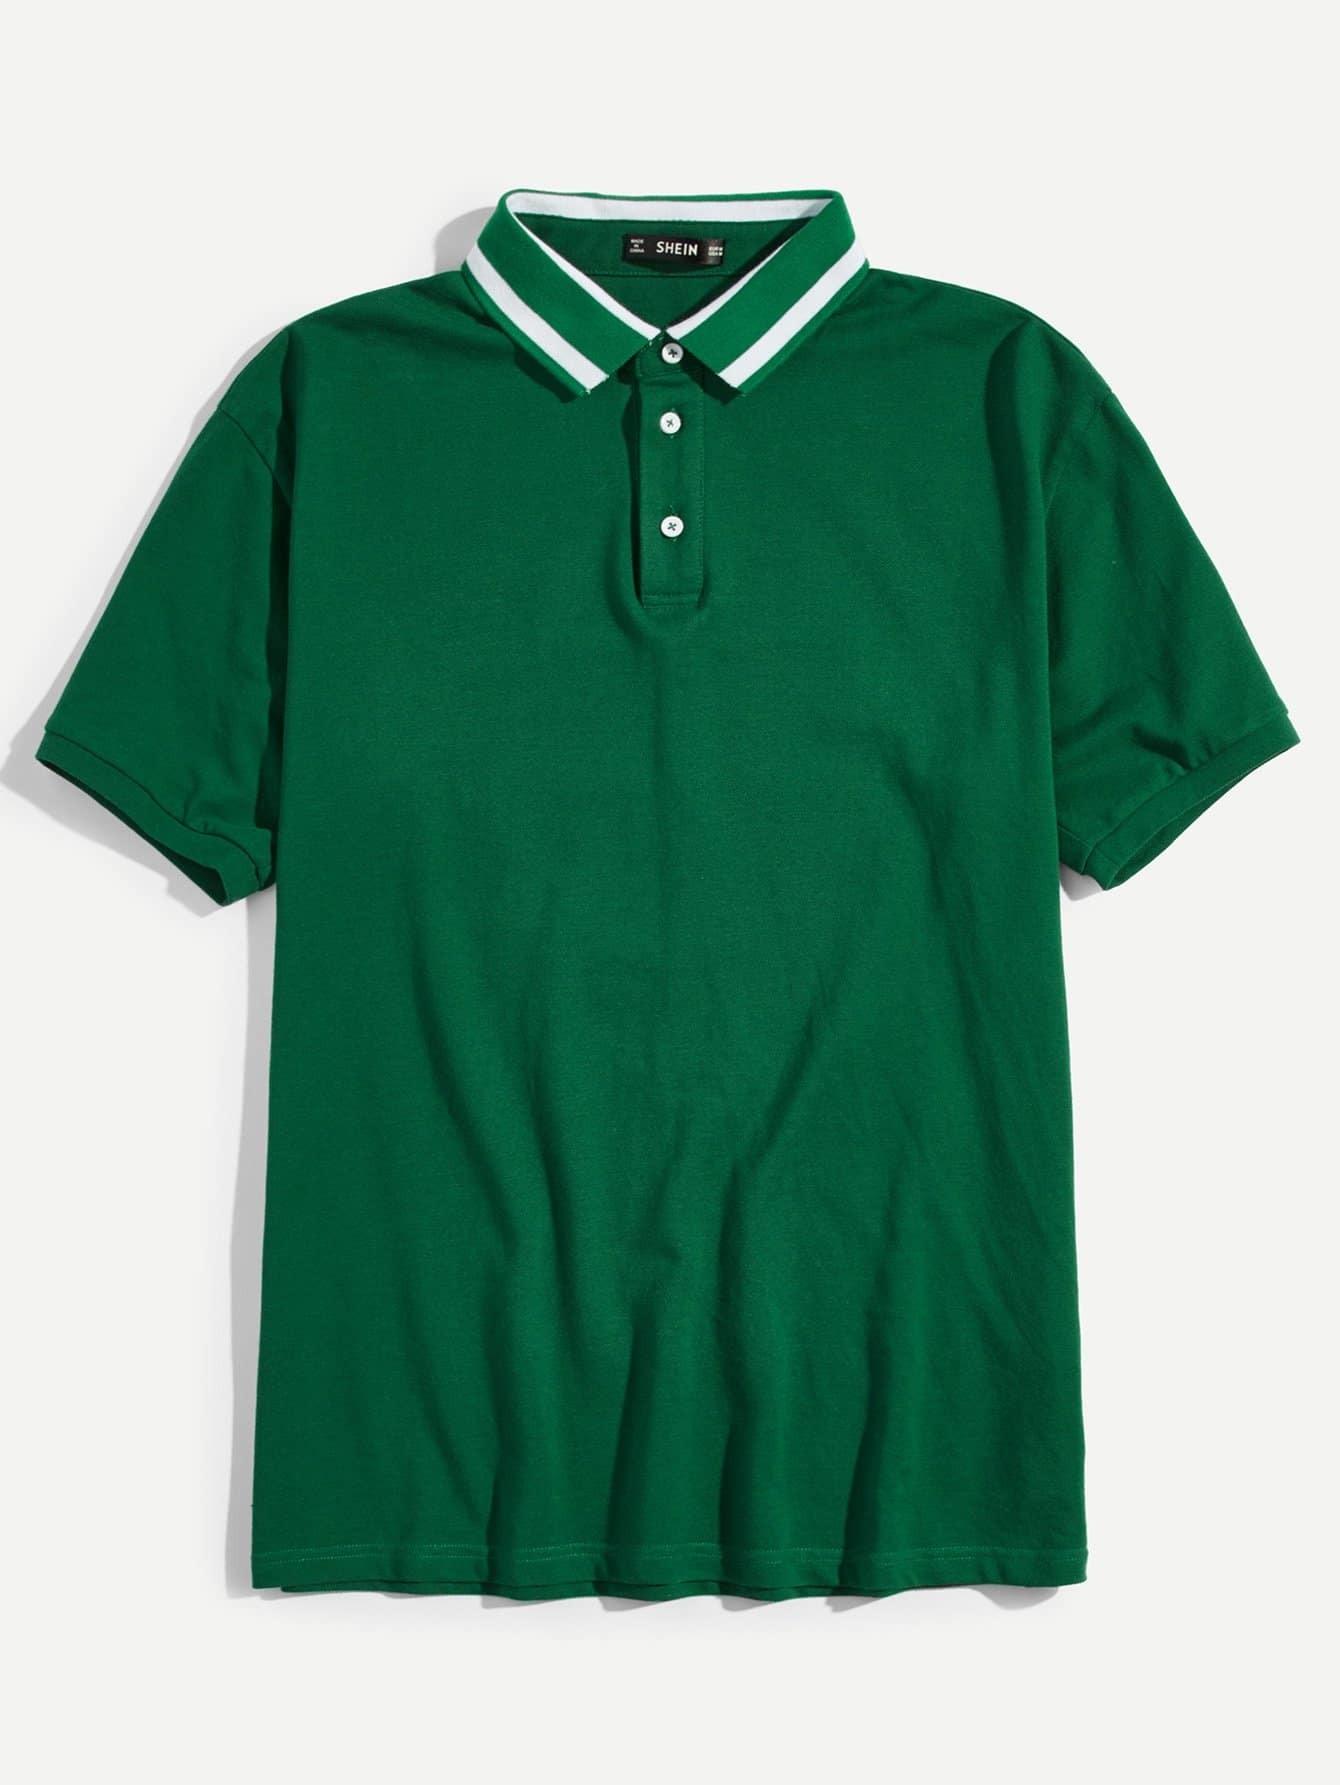 Купить Мужская полосатая полосатая рубашка-поло, null, SheIn